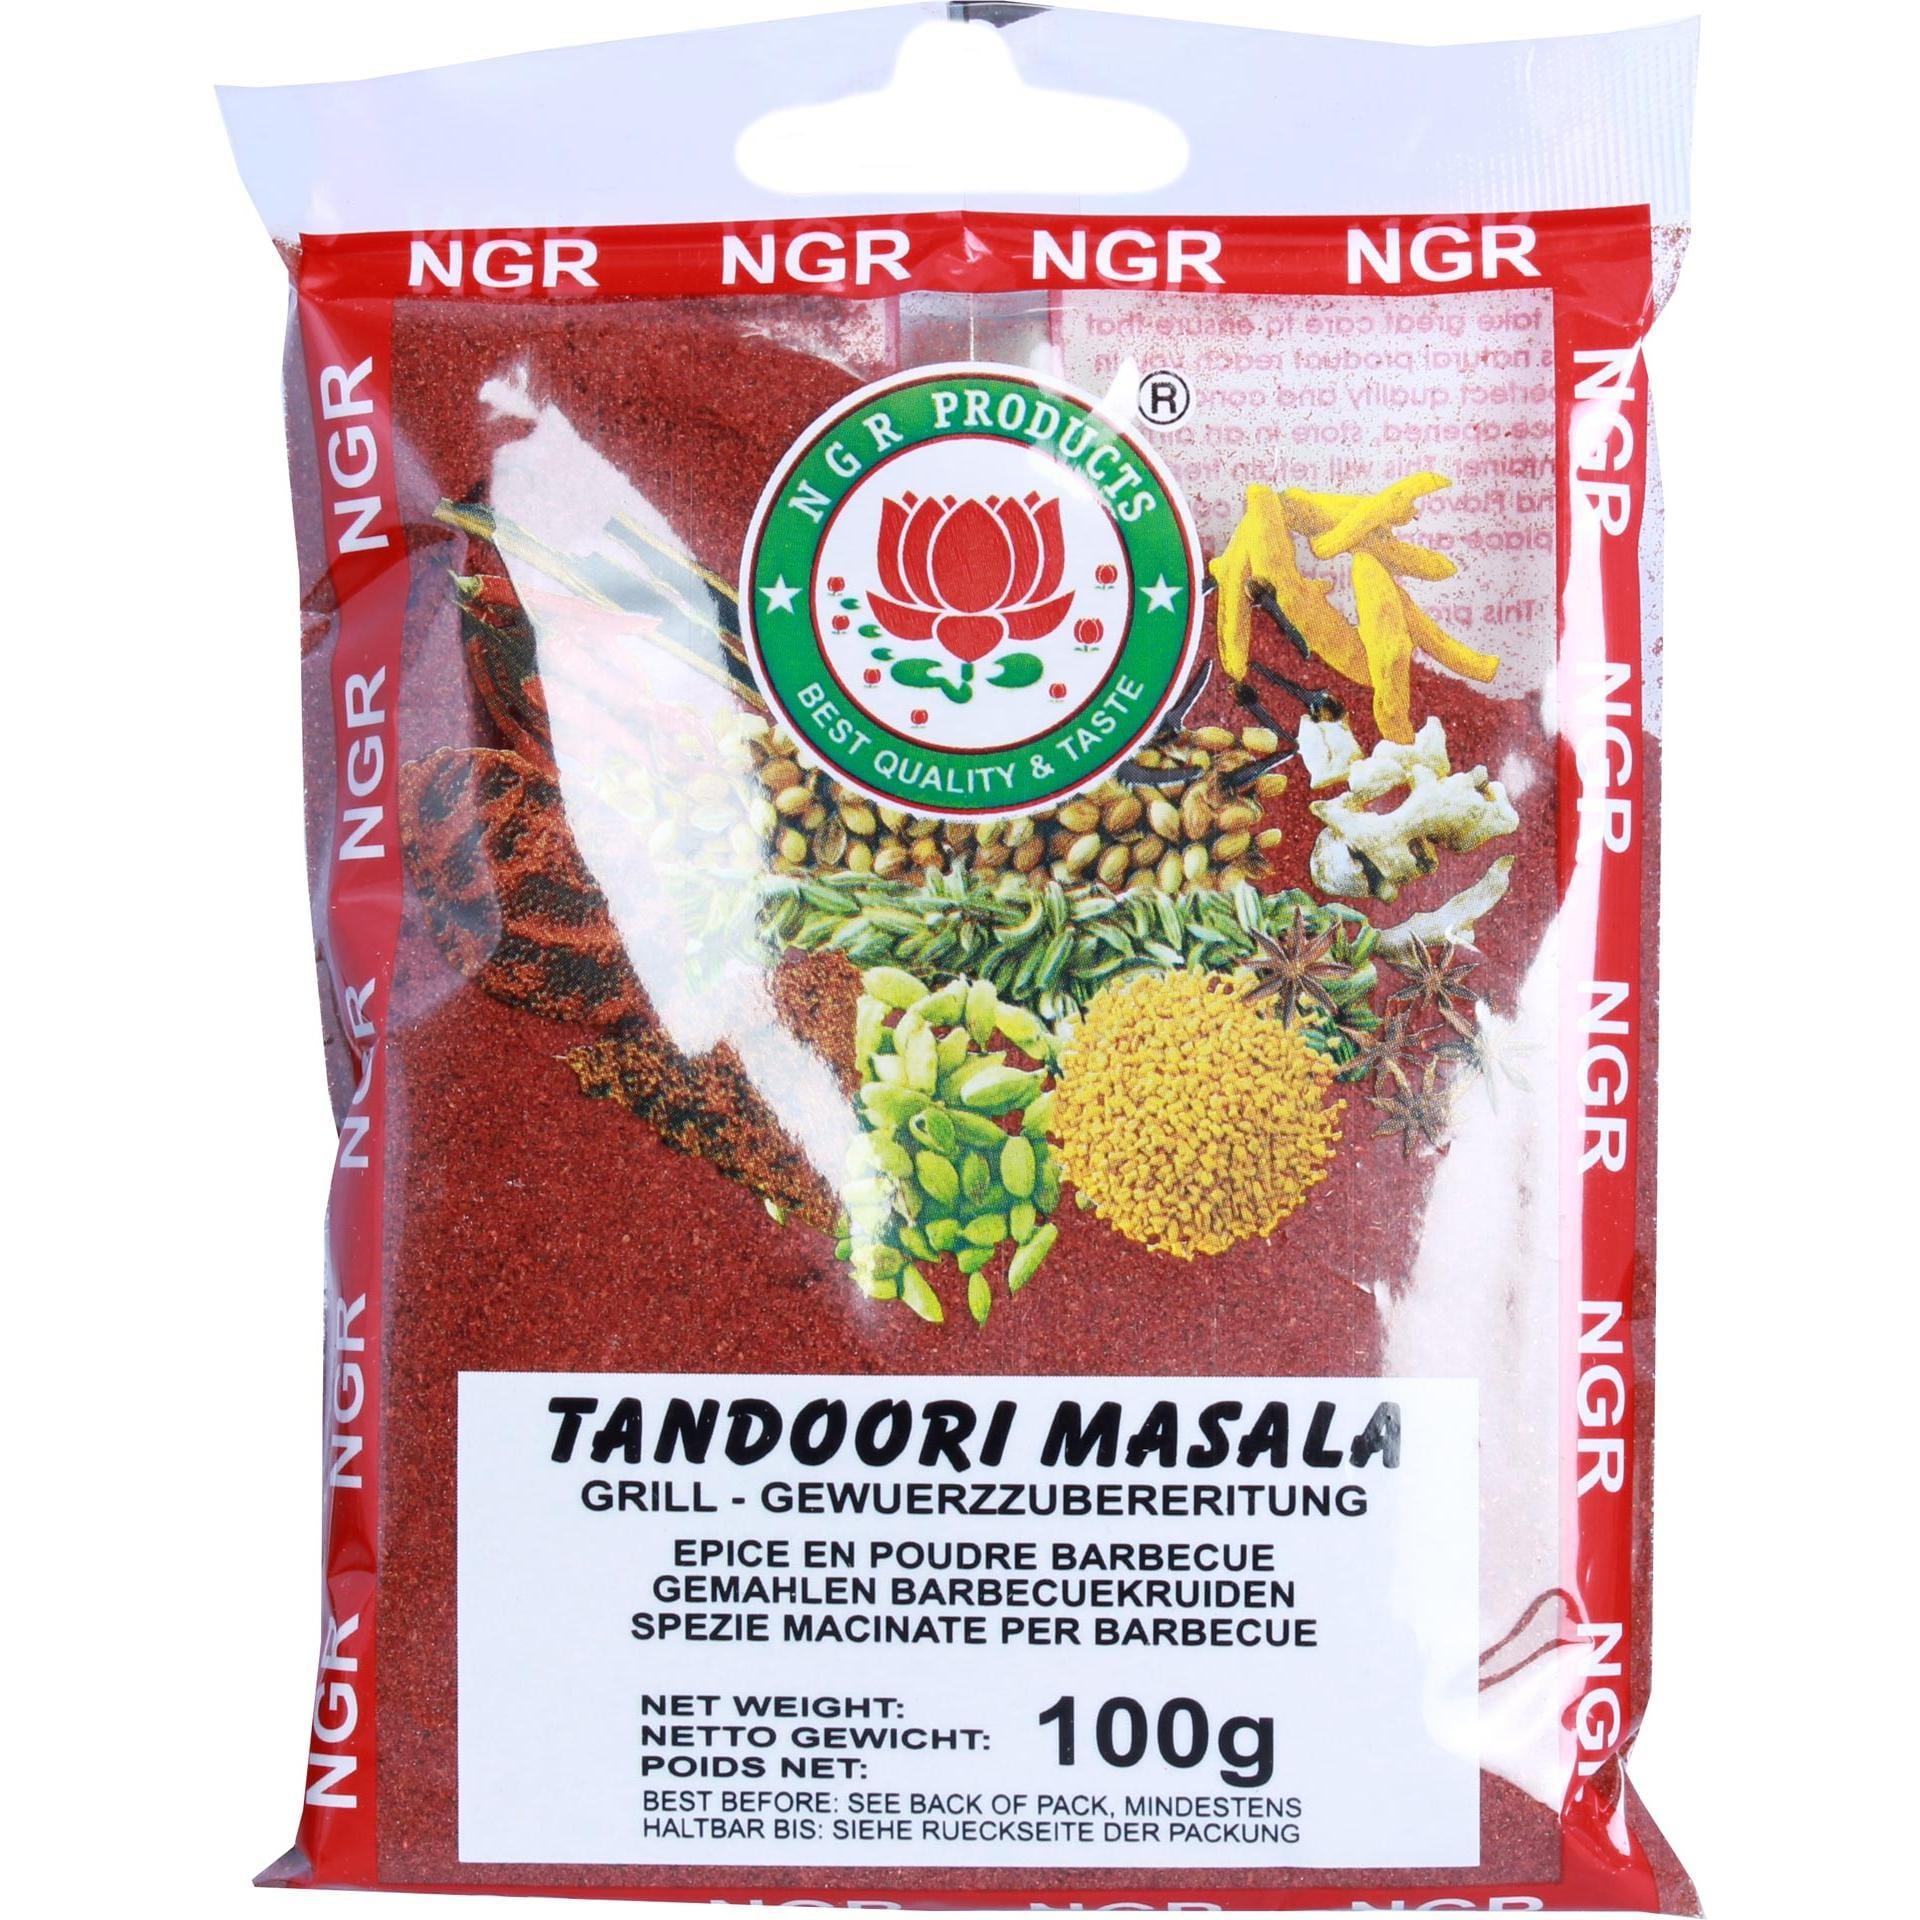 NGR Products - Tandoori Masala Gewürzmischung Gewürzzubereitung - 100g